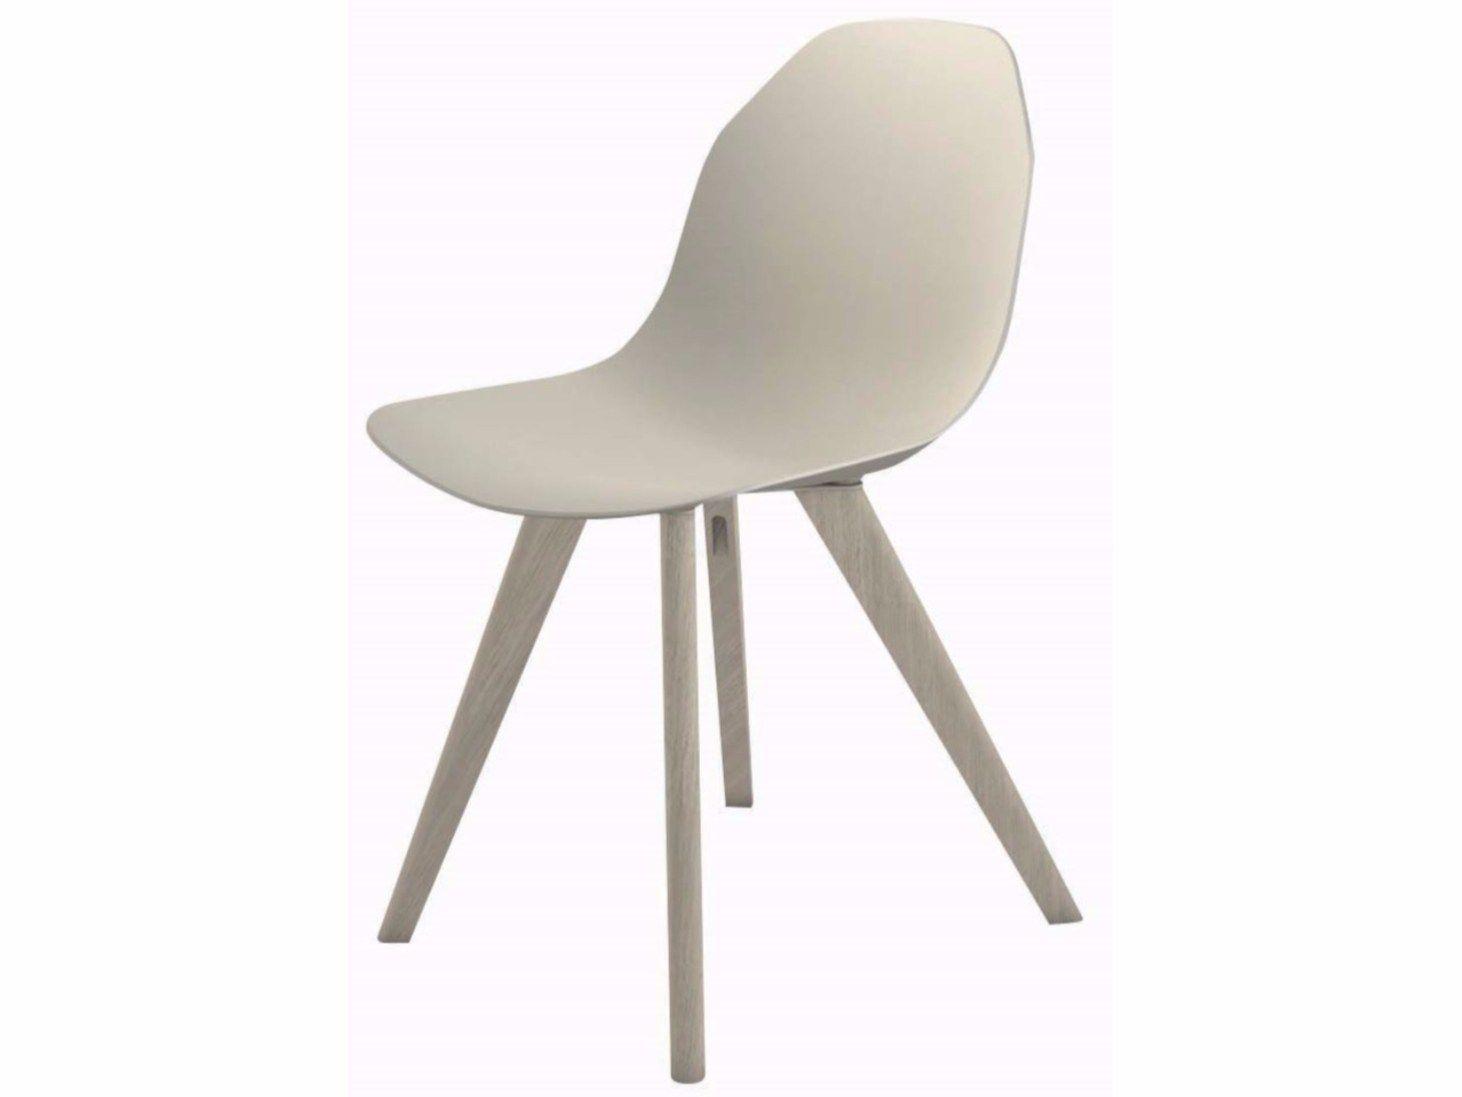 chistera chaise by roche bobois design marcello ziliani. Black Bedroom Furniture Sets. Home Design Ideas